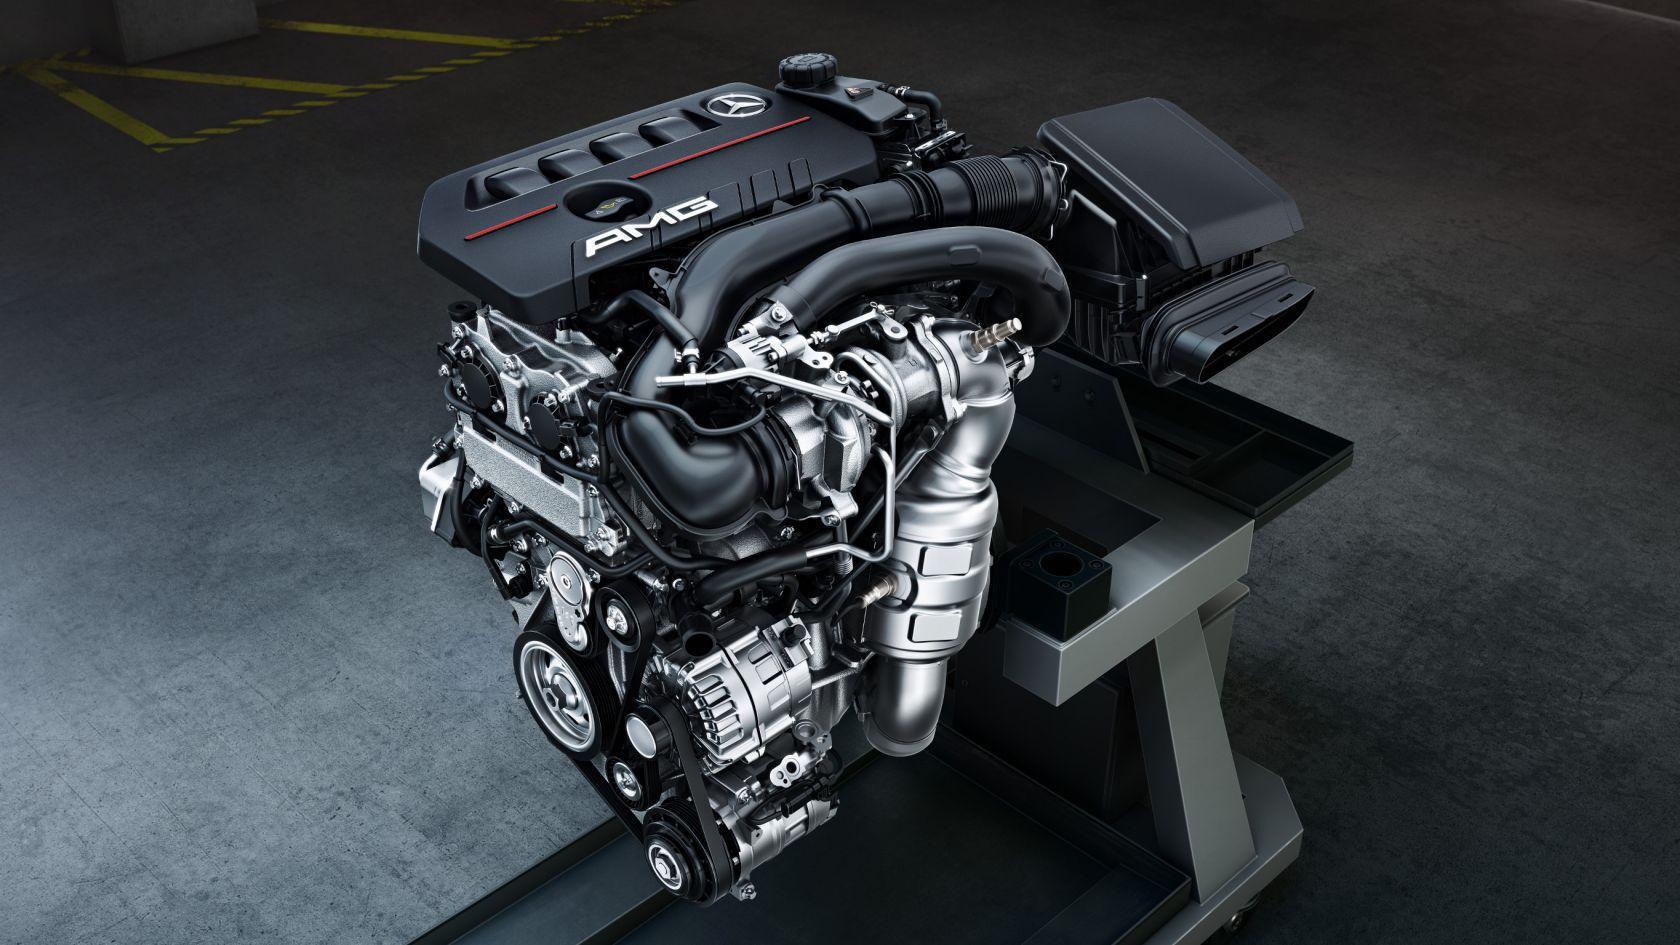 2-литровый турбодвигатель с 4 цилиндрами